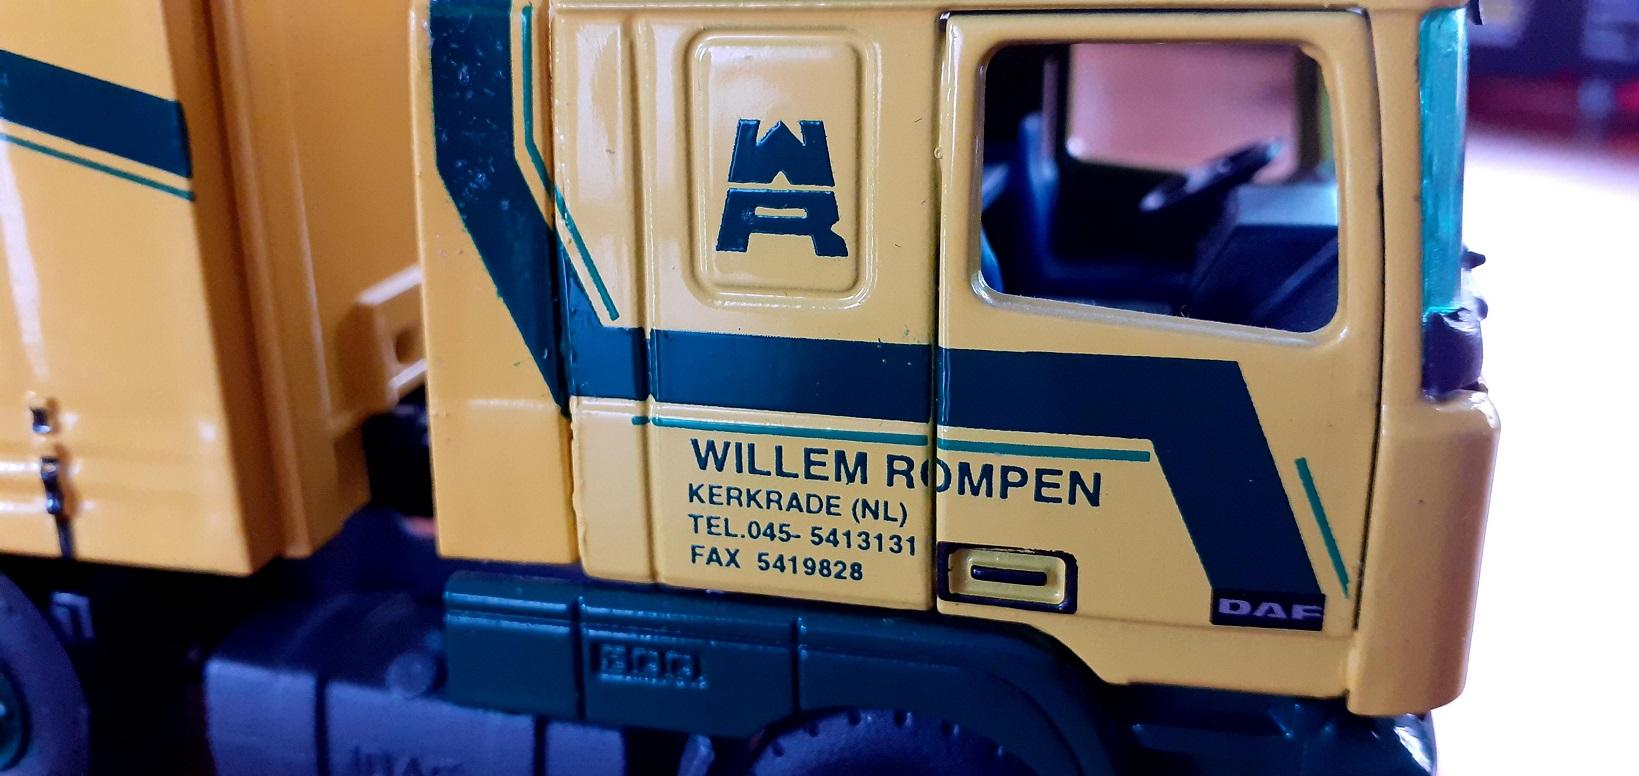 Willem-Rompen-Xavier-Walstock-berwerkte-delen-modellen-(9)